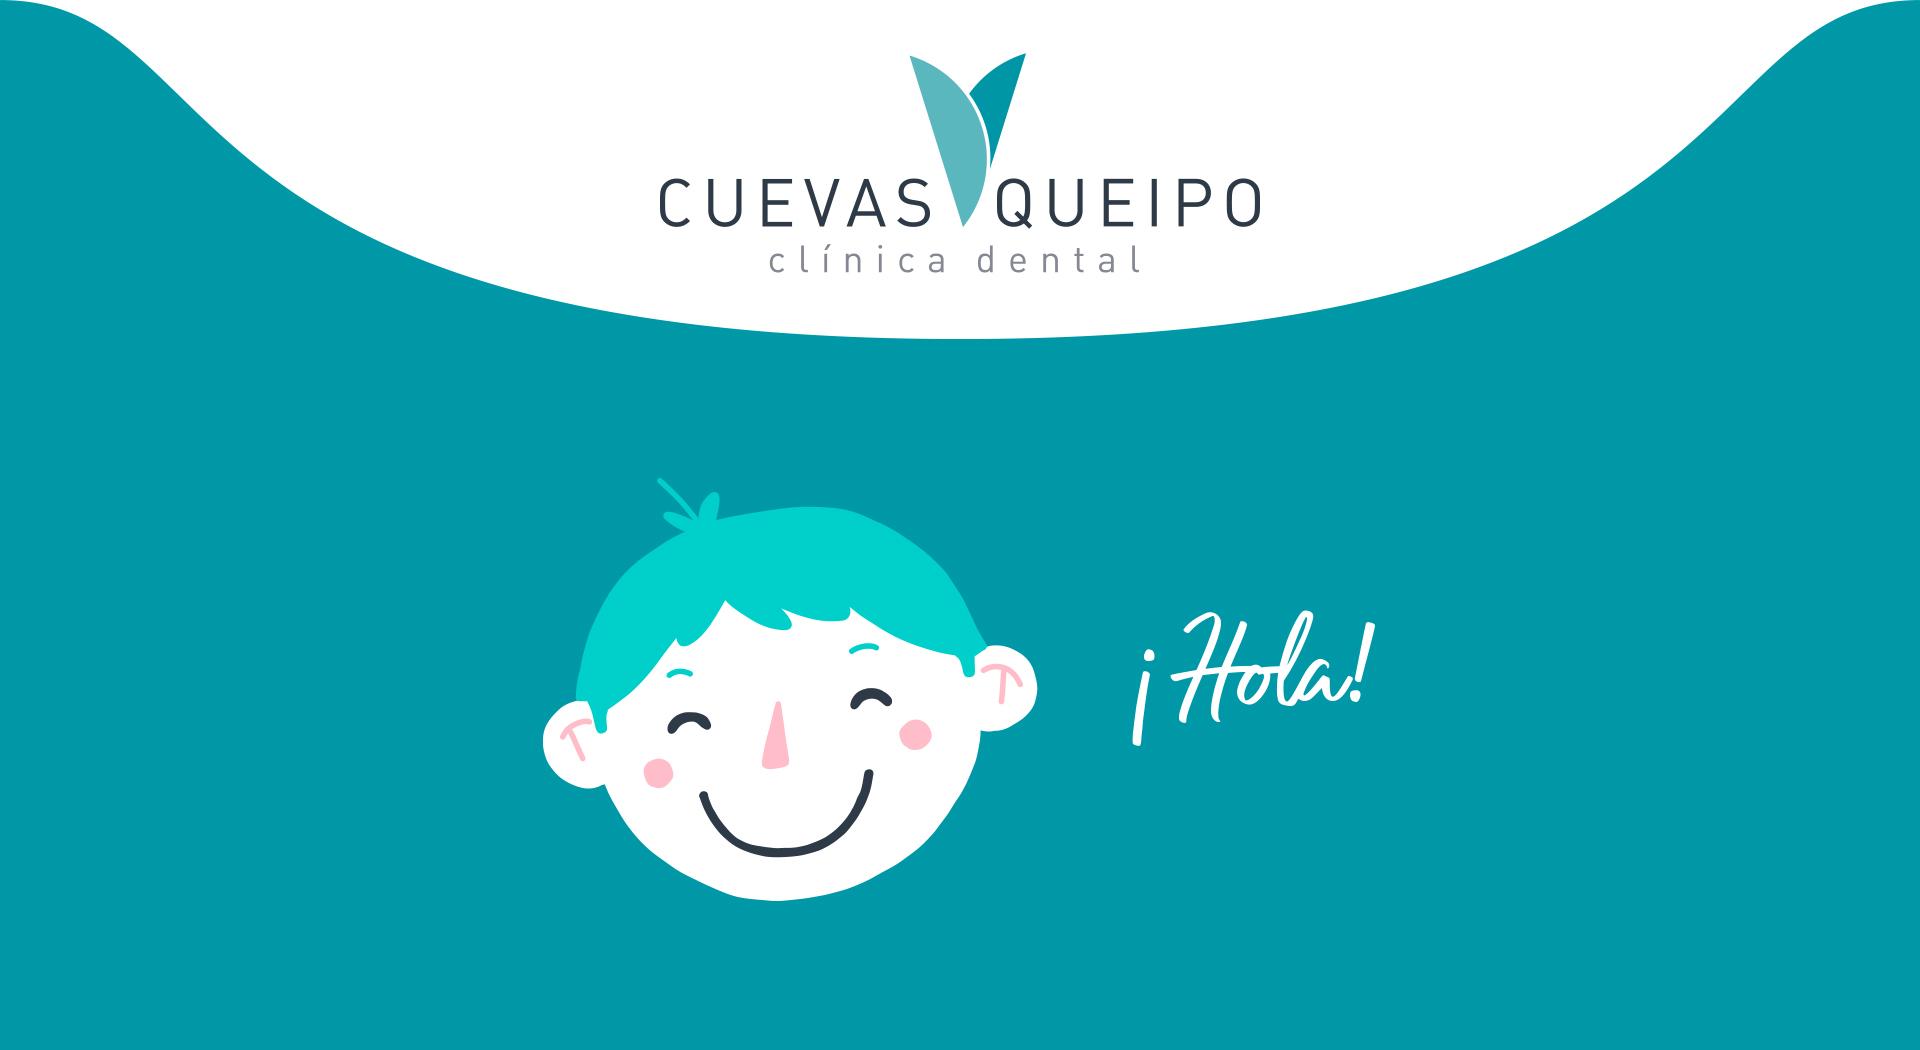 Imagen Clínica Dental Cuevas Queipo img-total